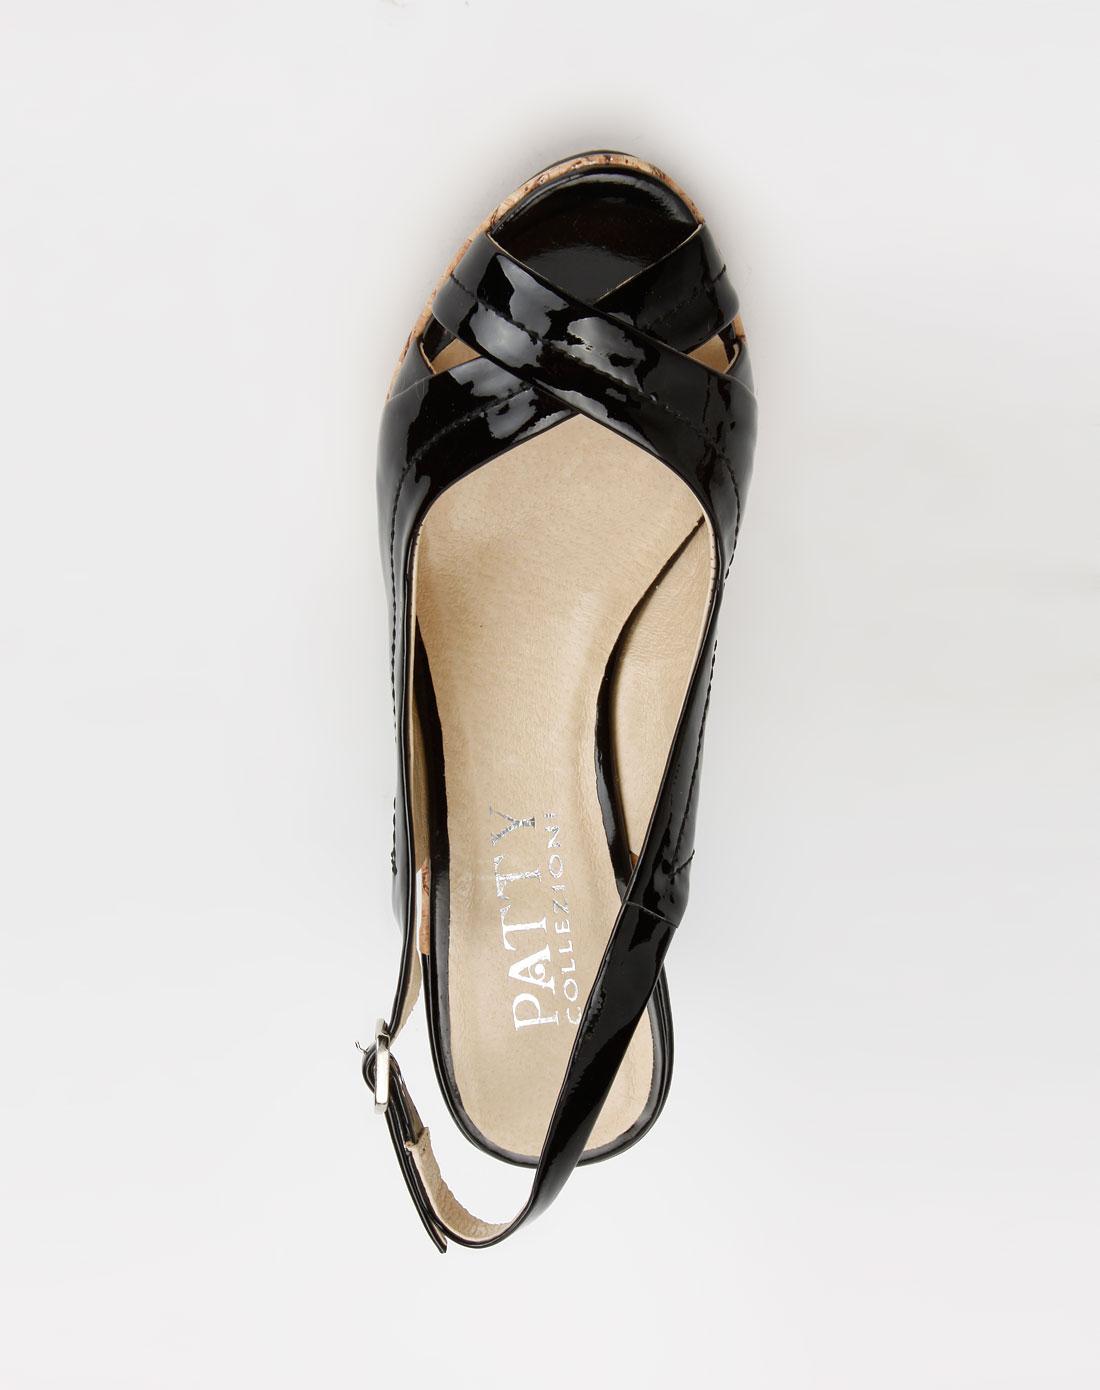 芭迪patty黑色镜面牛皮单鞋